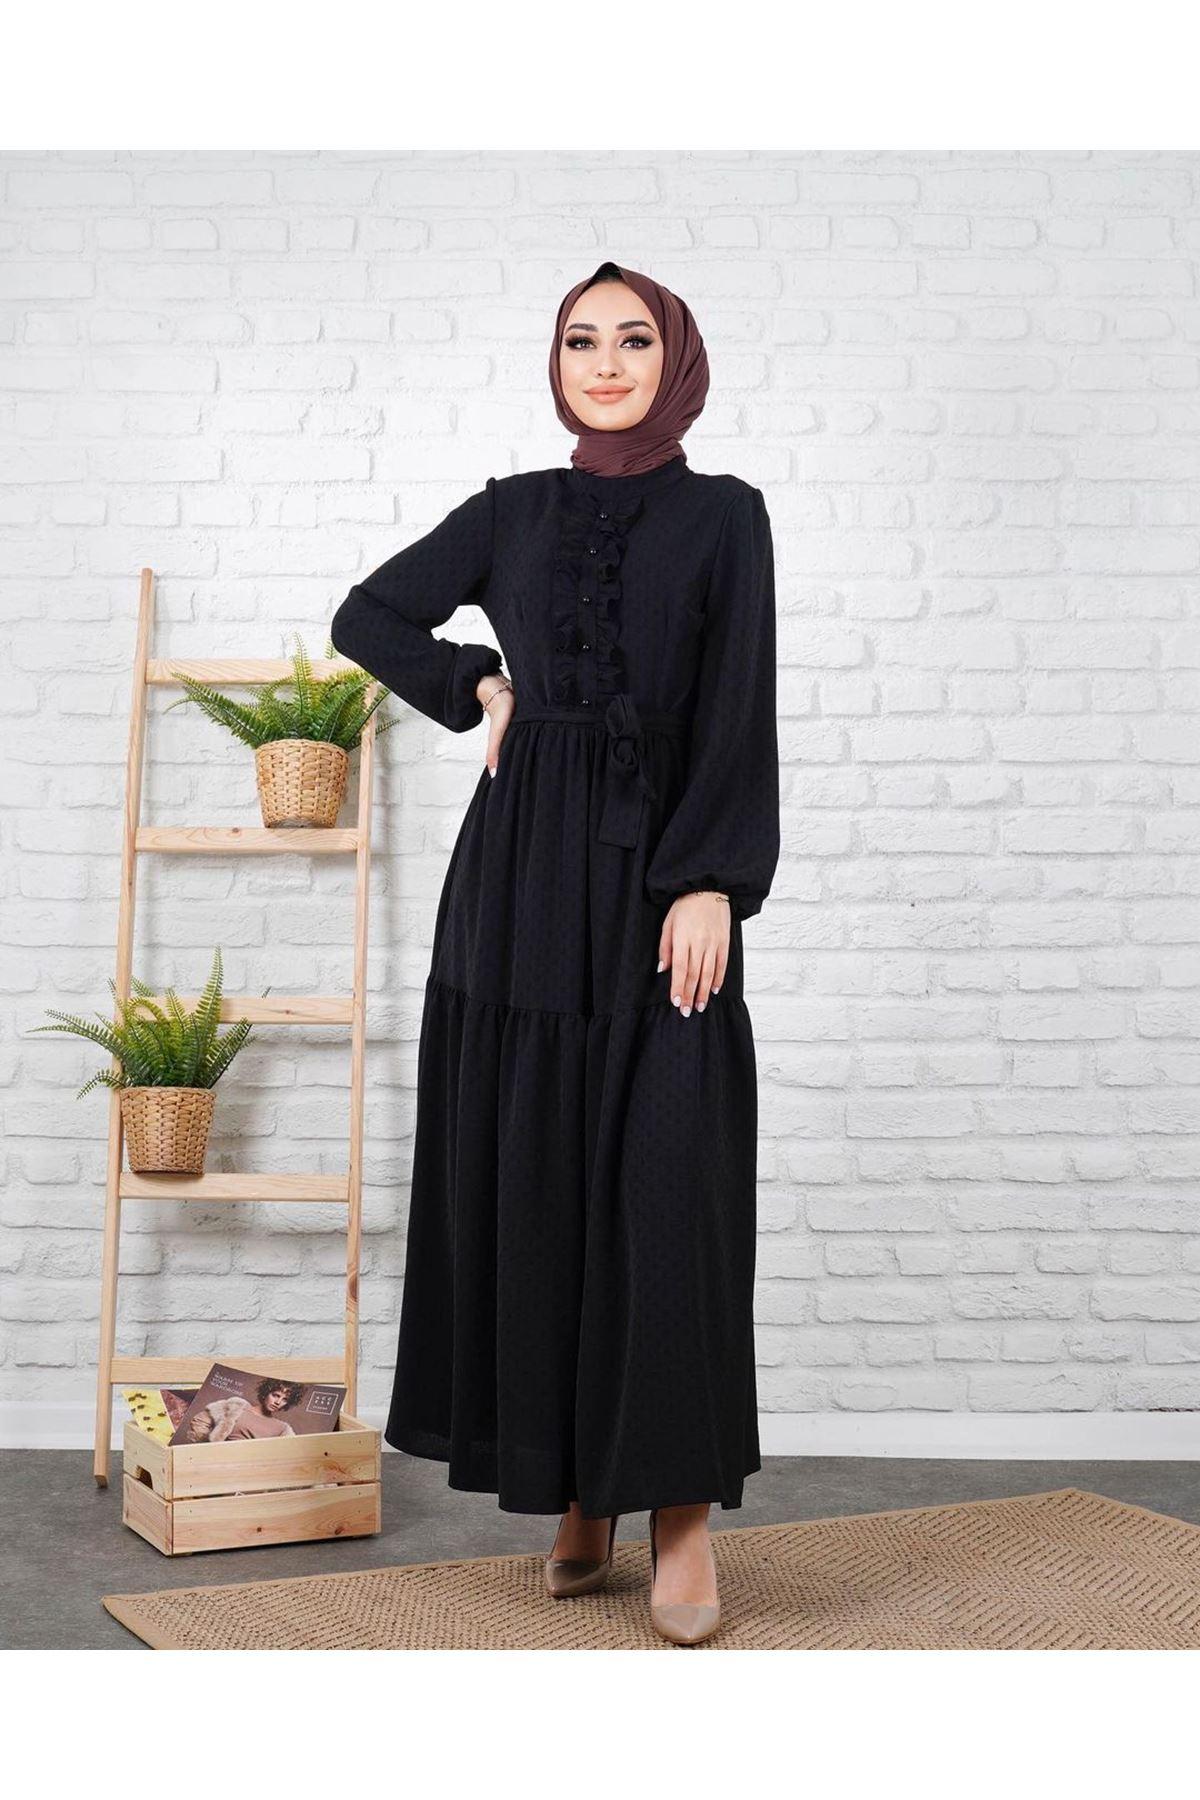 Kadın Petek Dokulu Elbise - Siyah